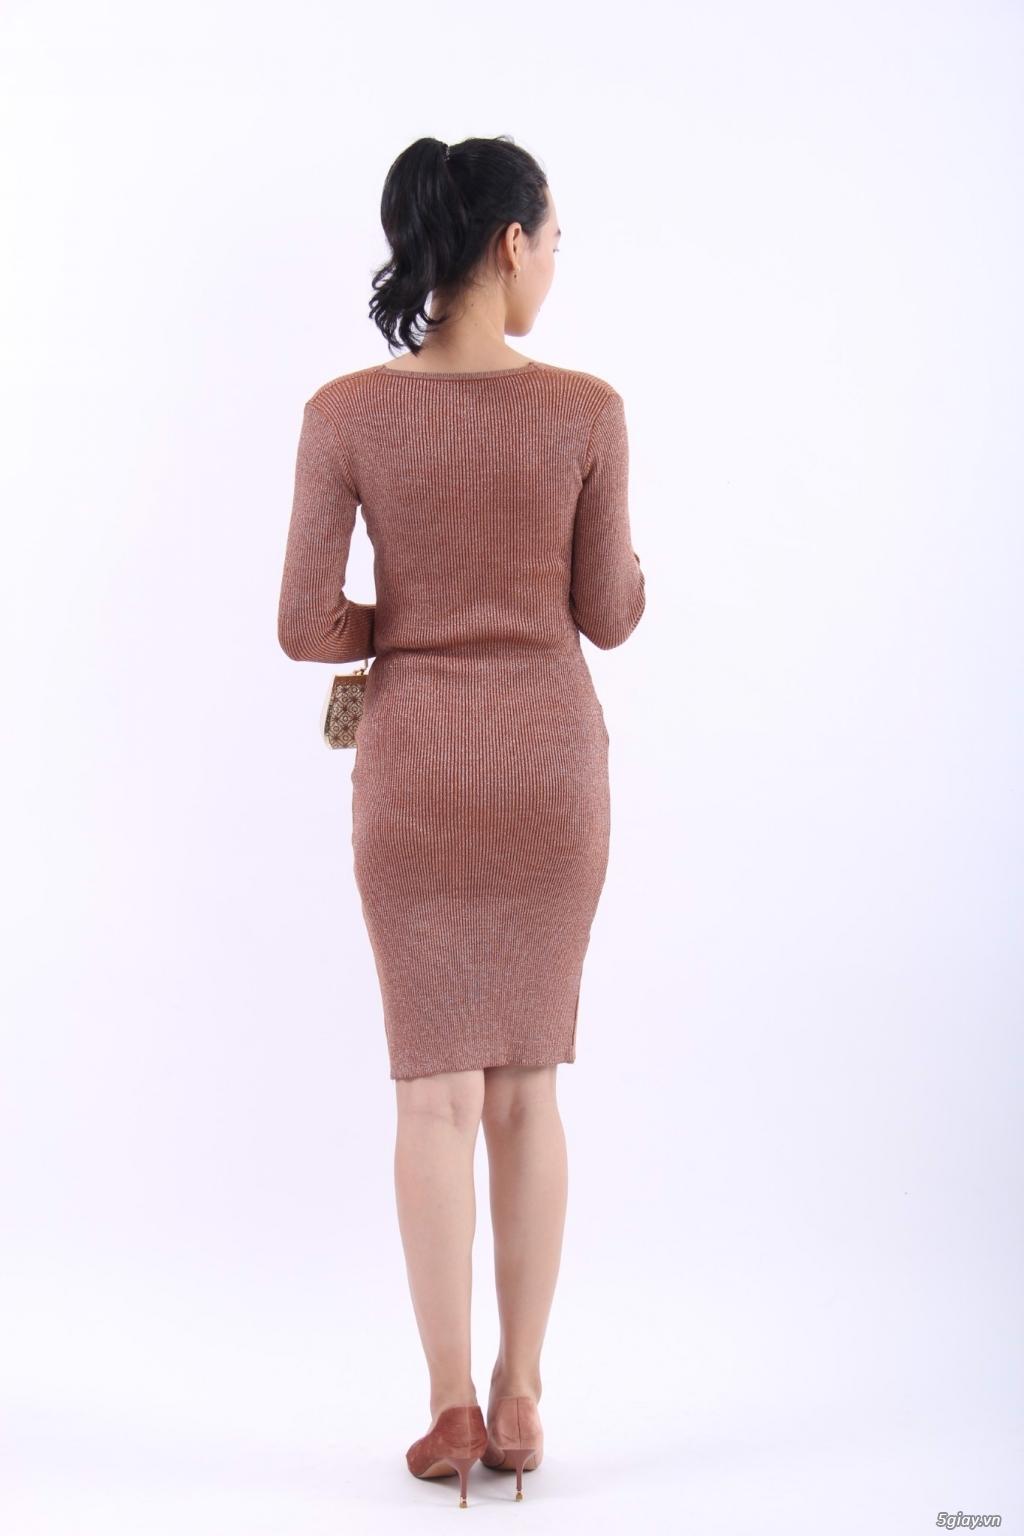 Wal House Fashion - Thương Hiệu Việt - Kiểu dáng đa dạng - 31